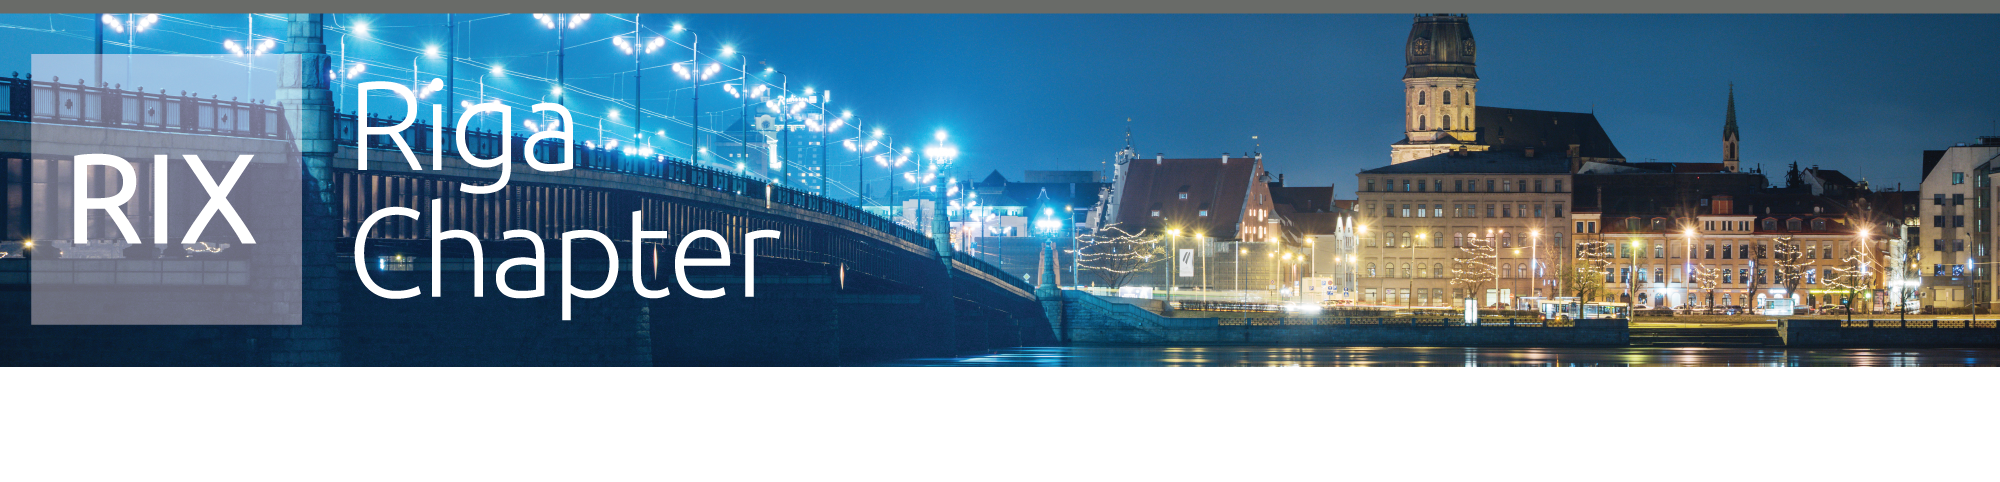 Riga Latvia Chapter Header